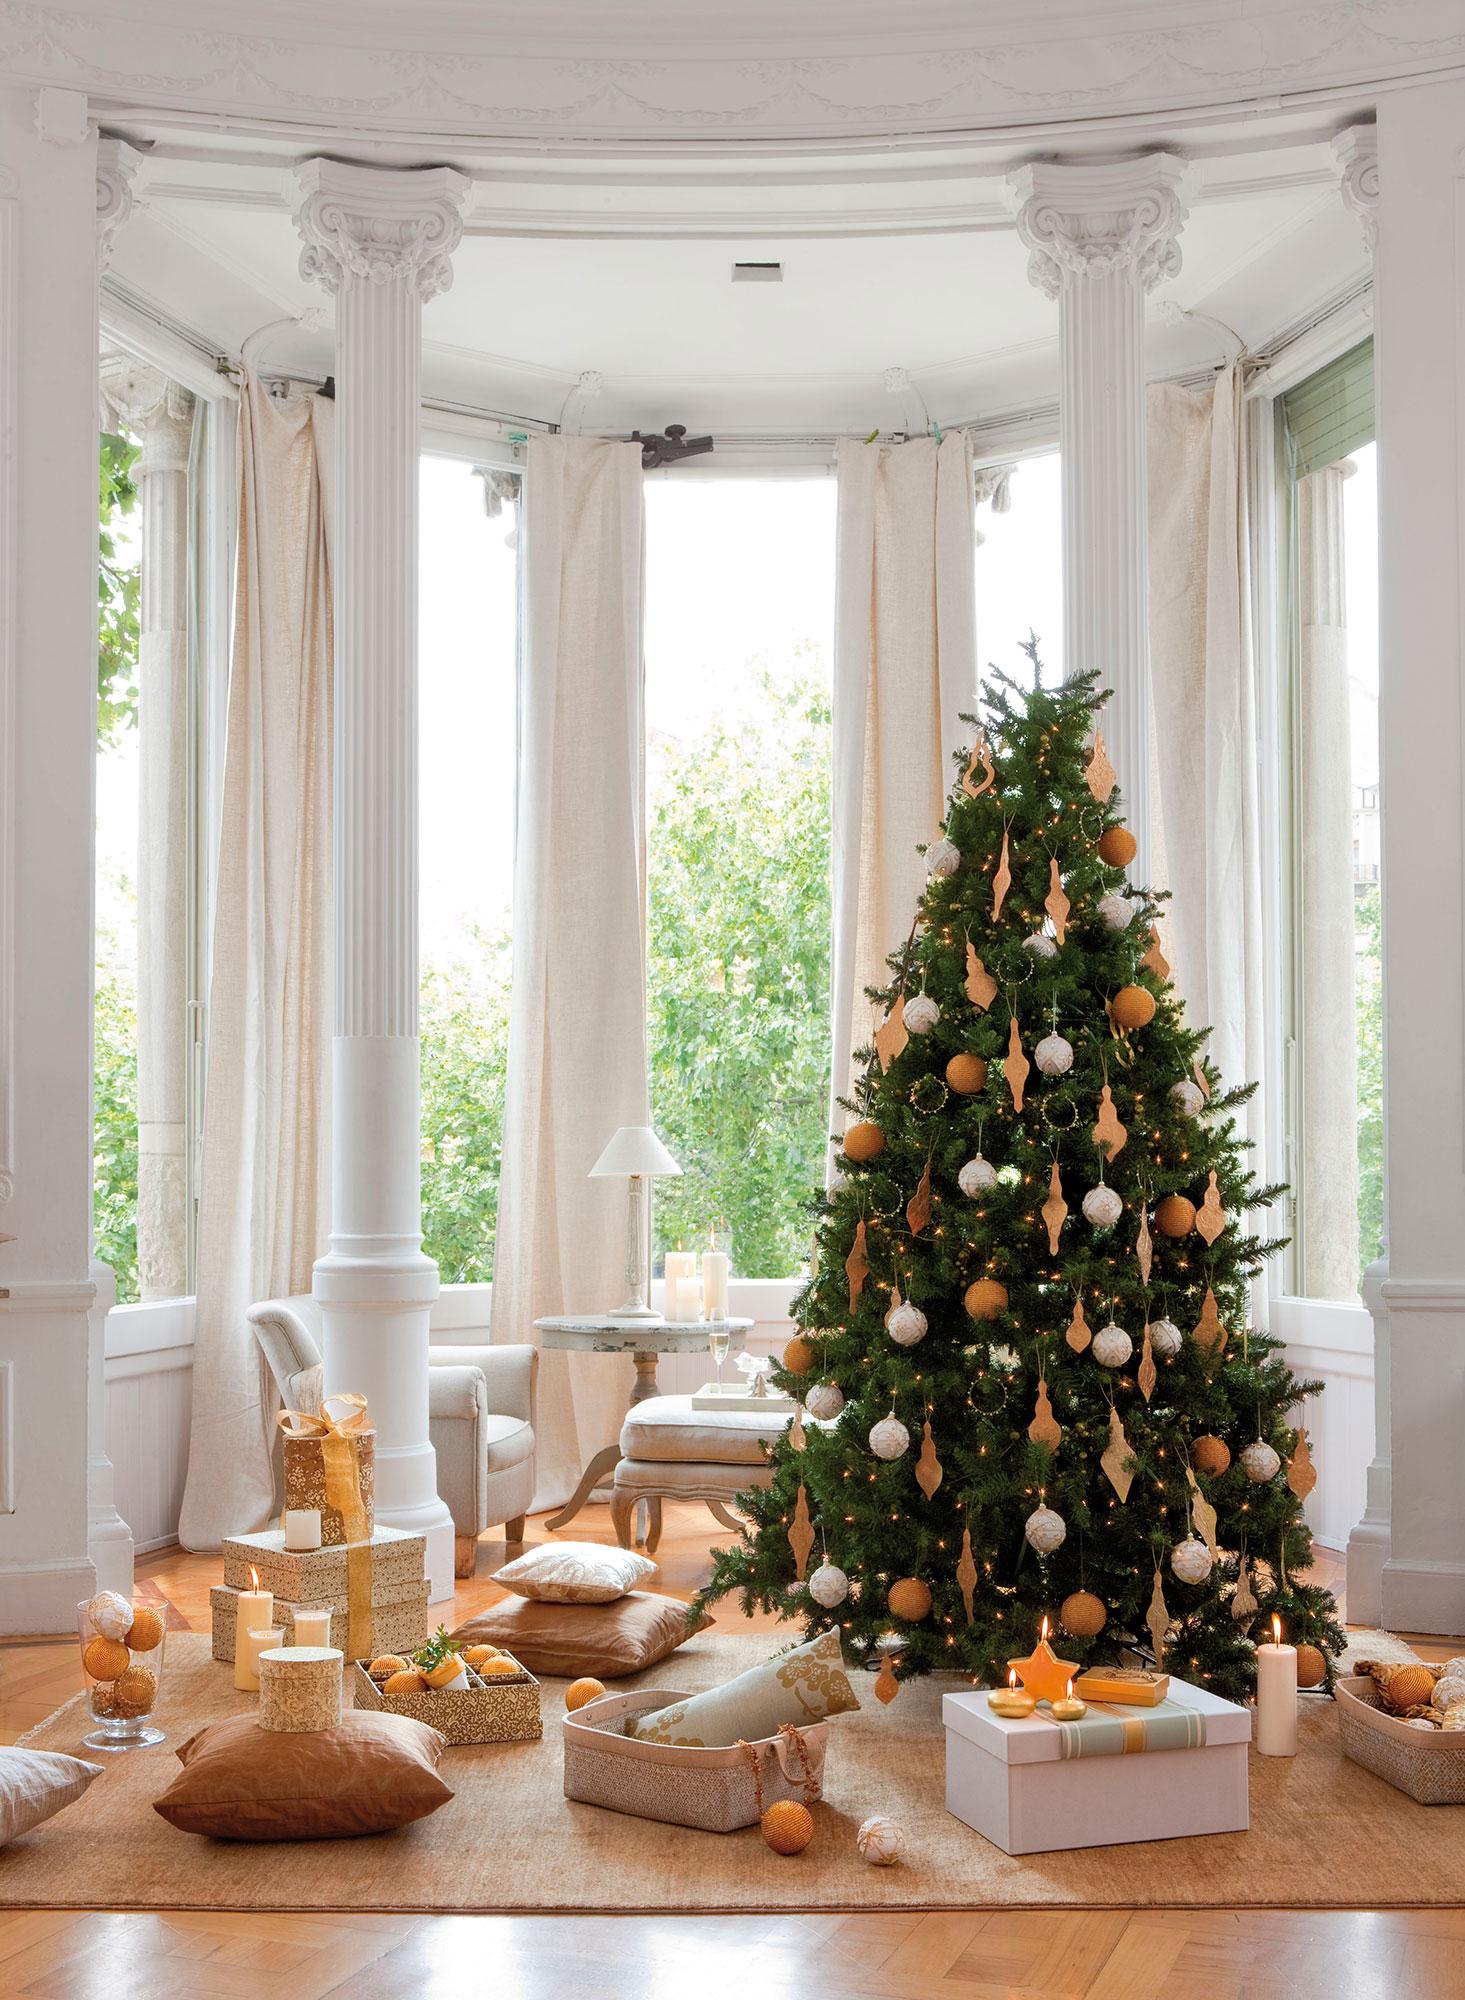 Árbol de Navidad con adornos dorados y plateados